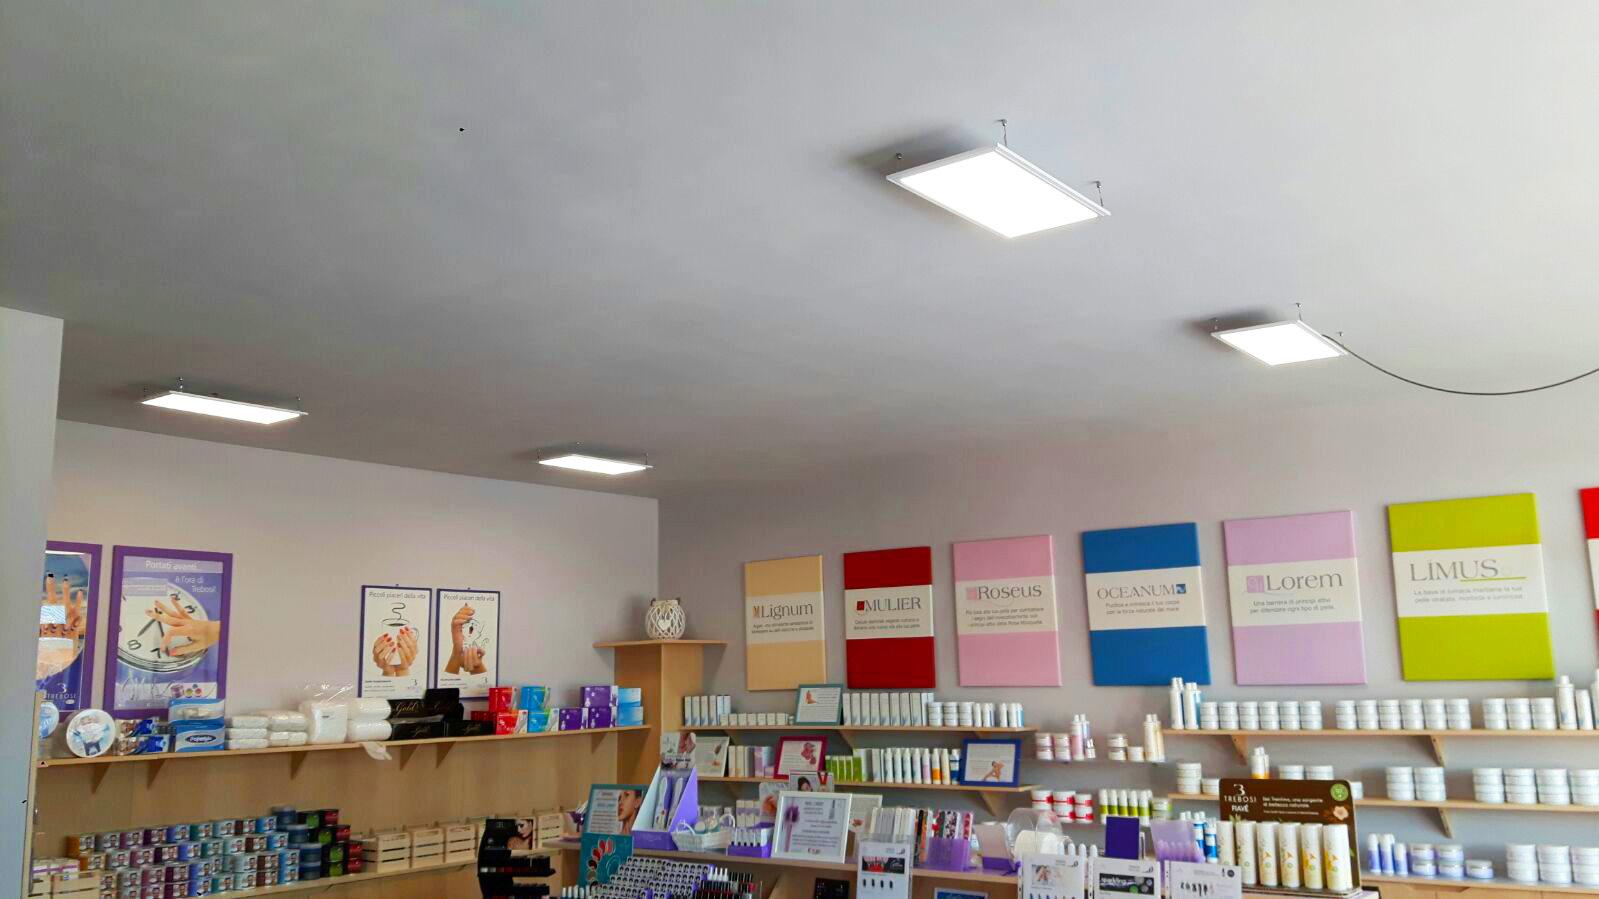 I nostri progetti di illuminazione » piemonte » cuneo » bra